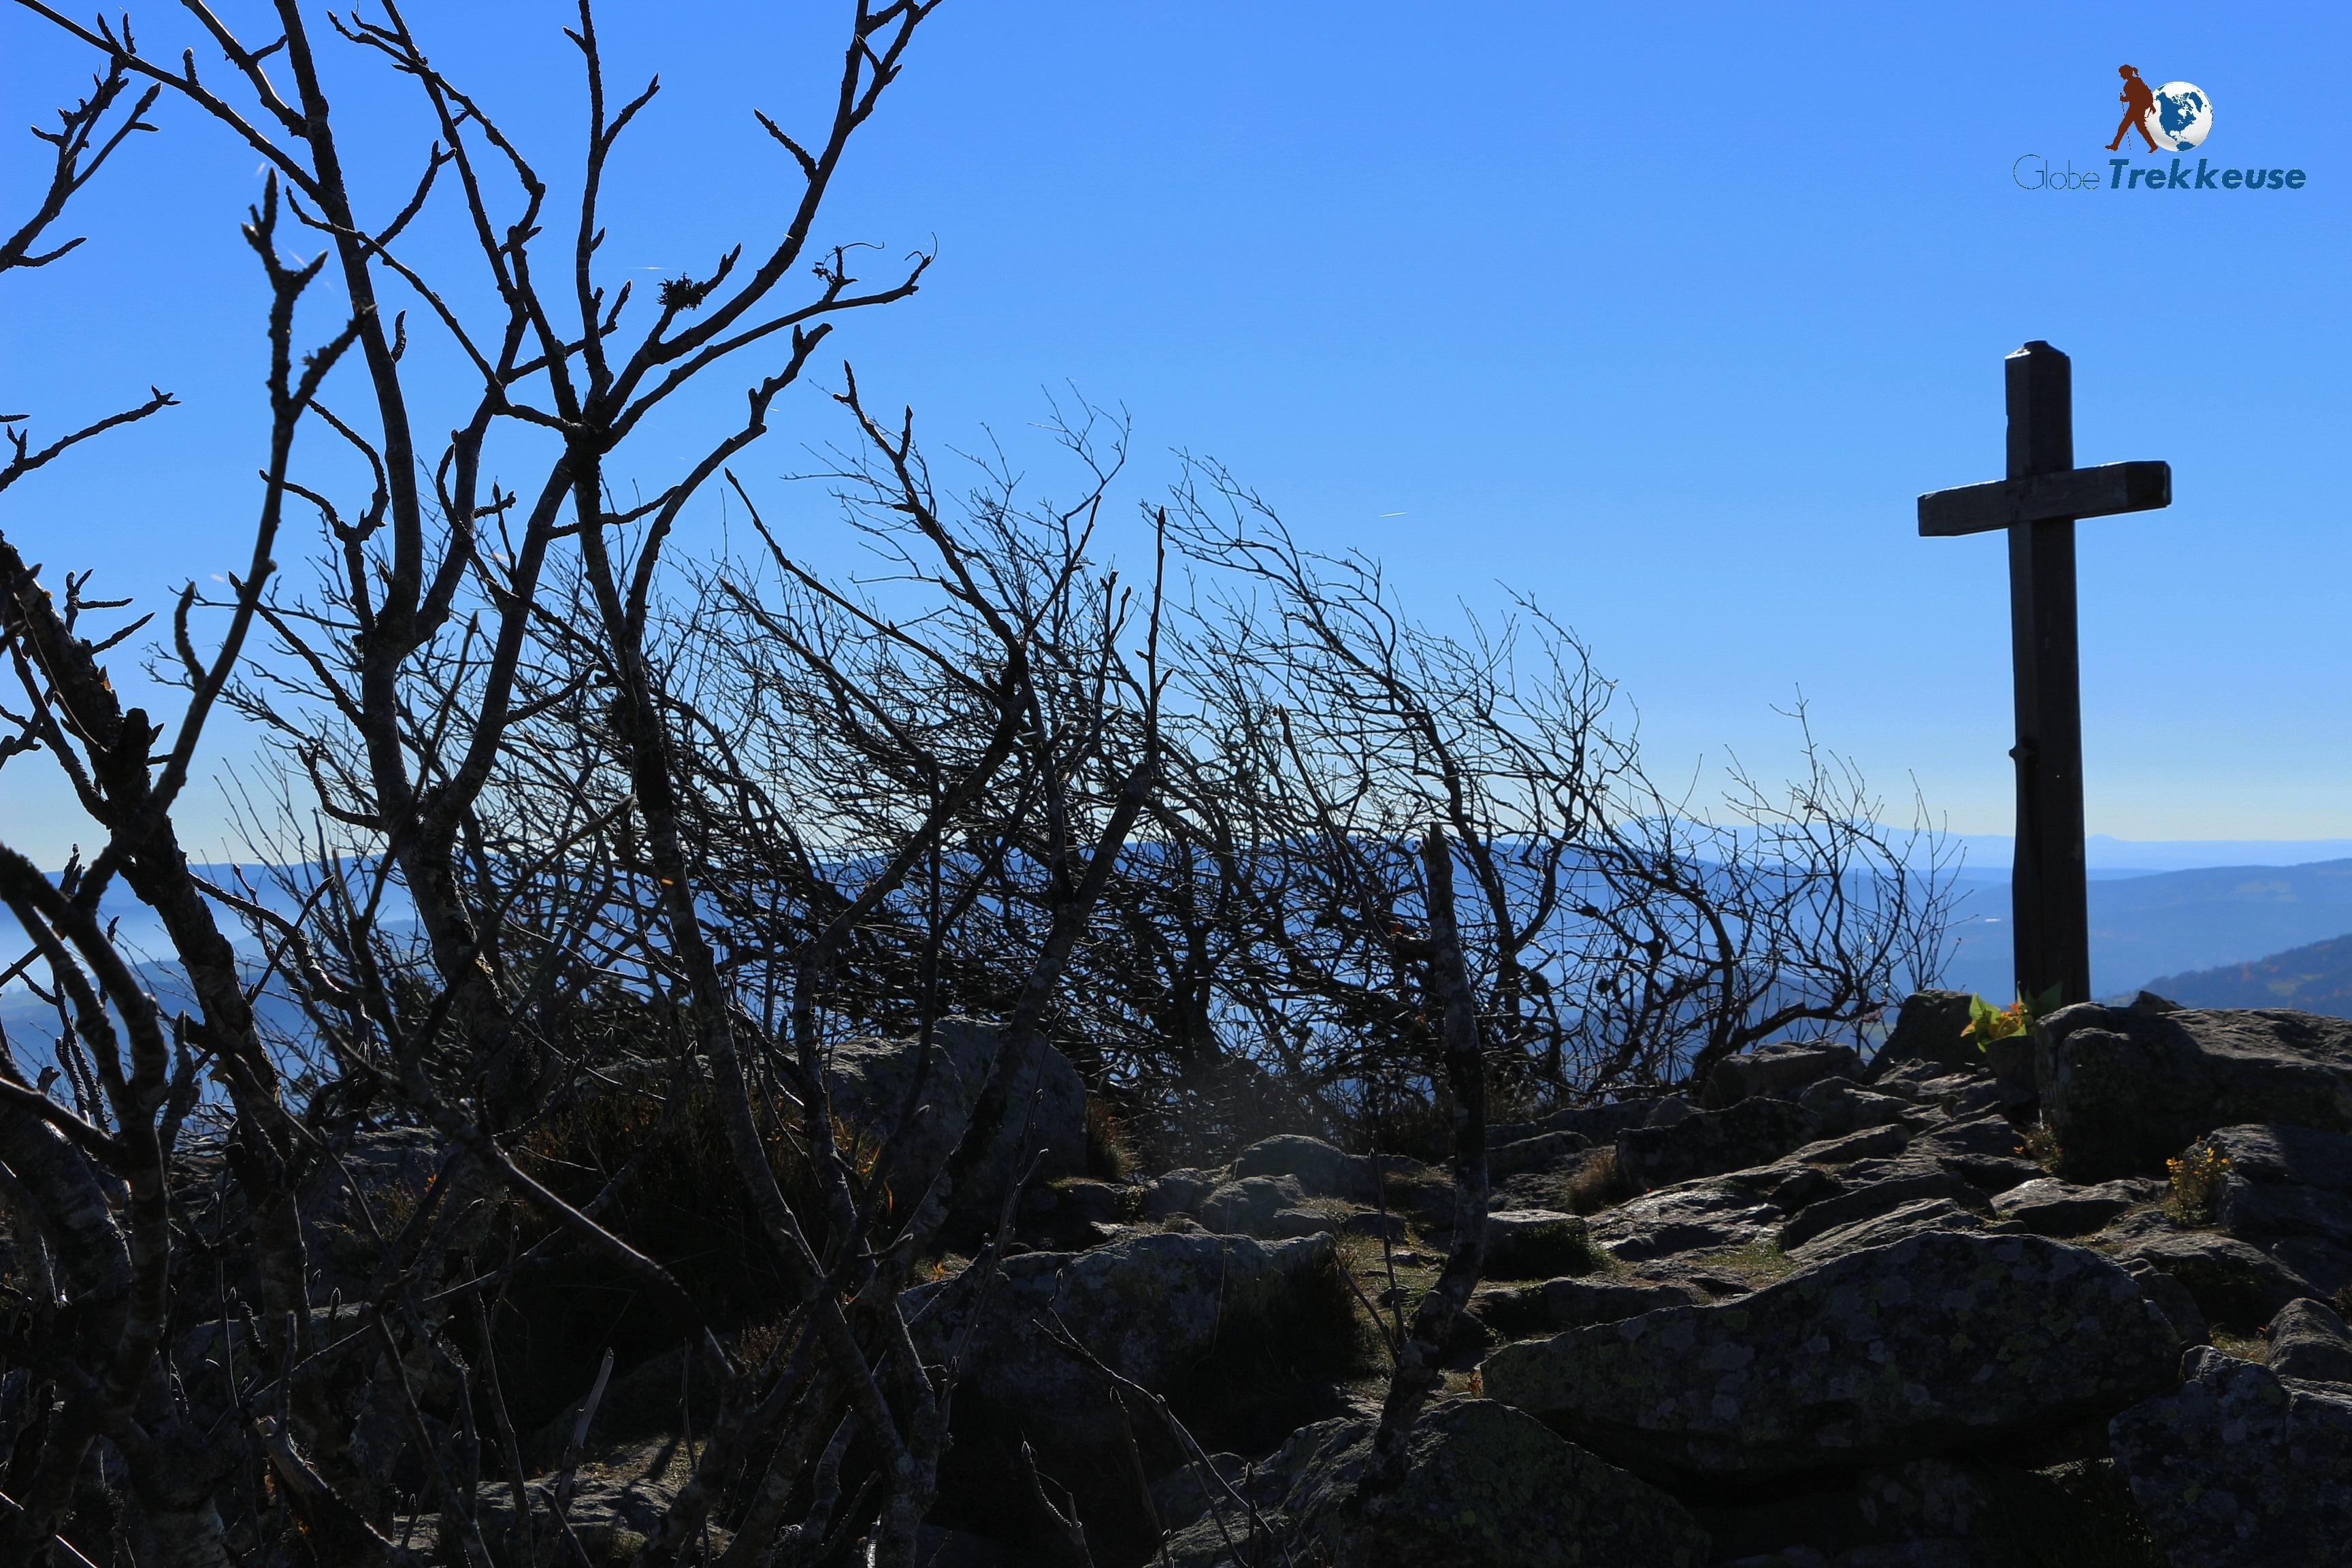 randonnée autour de lyon pilat croix